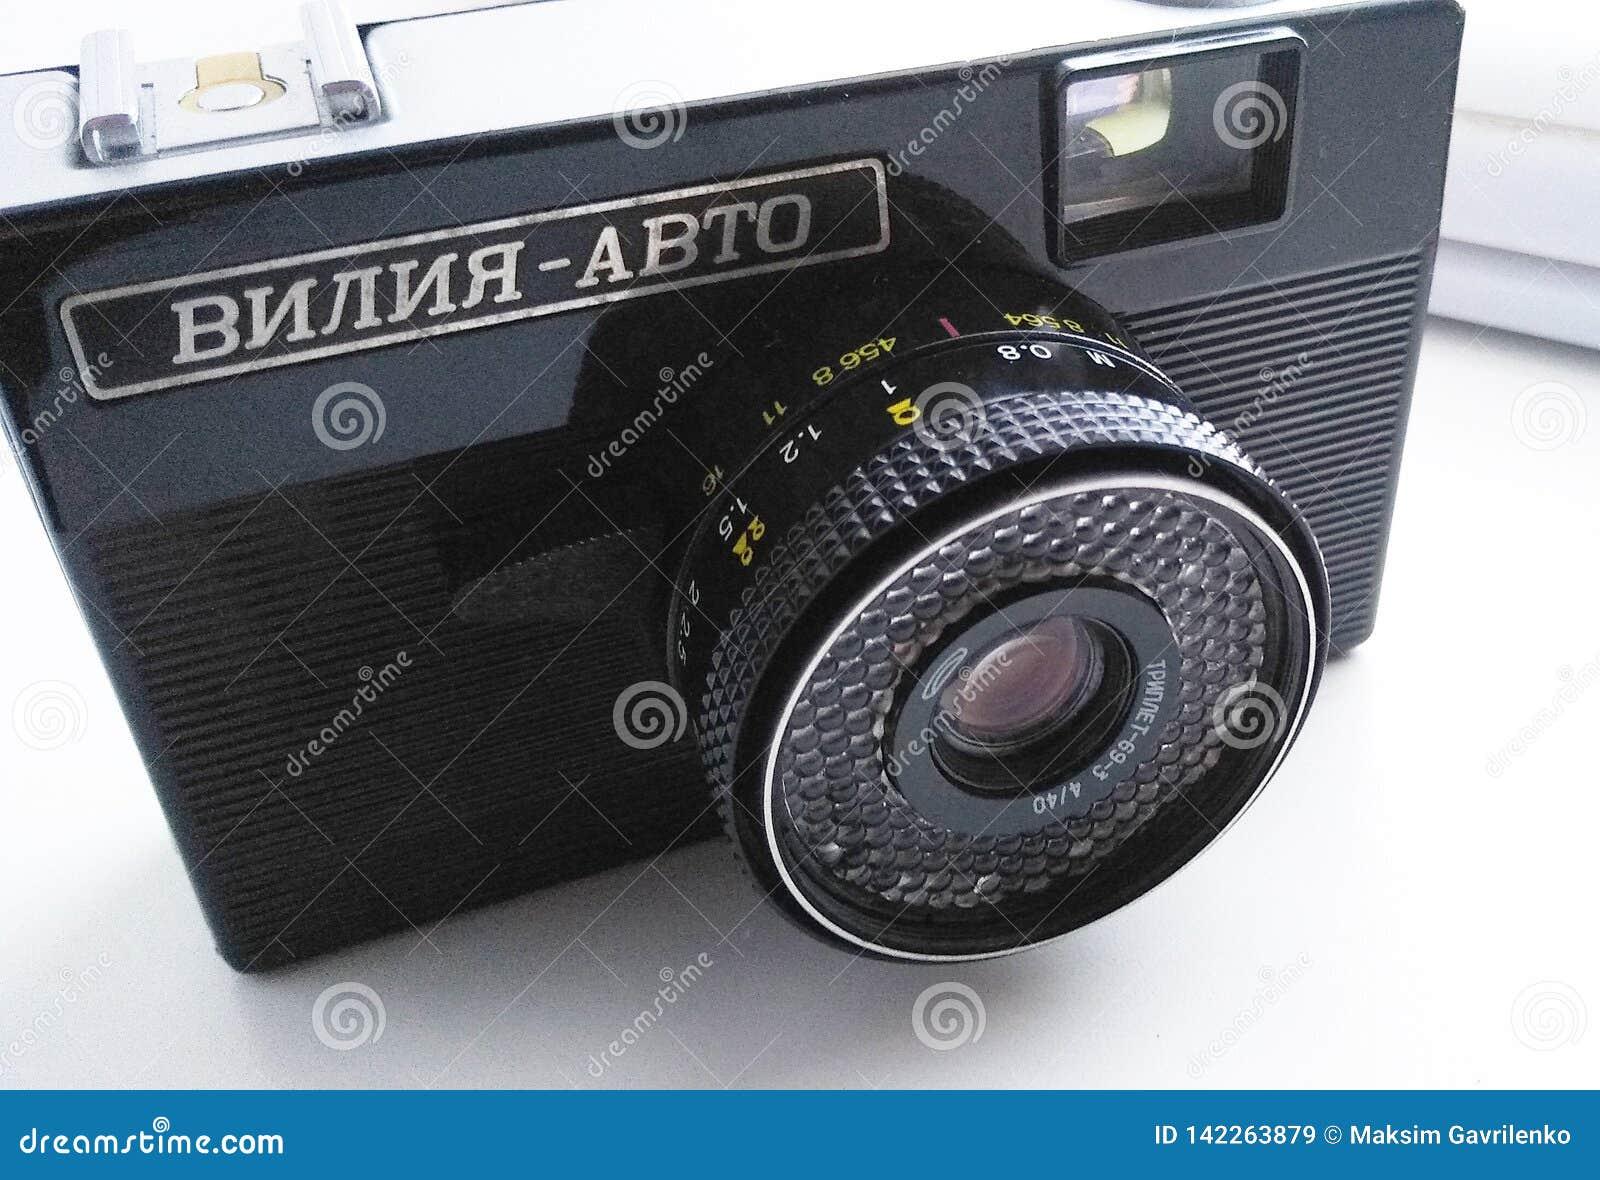 Kamera 'Vilia-Auto '